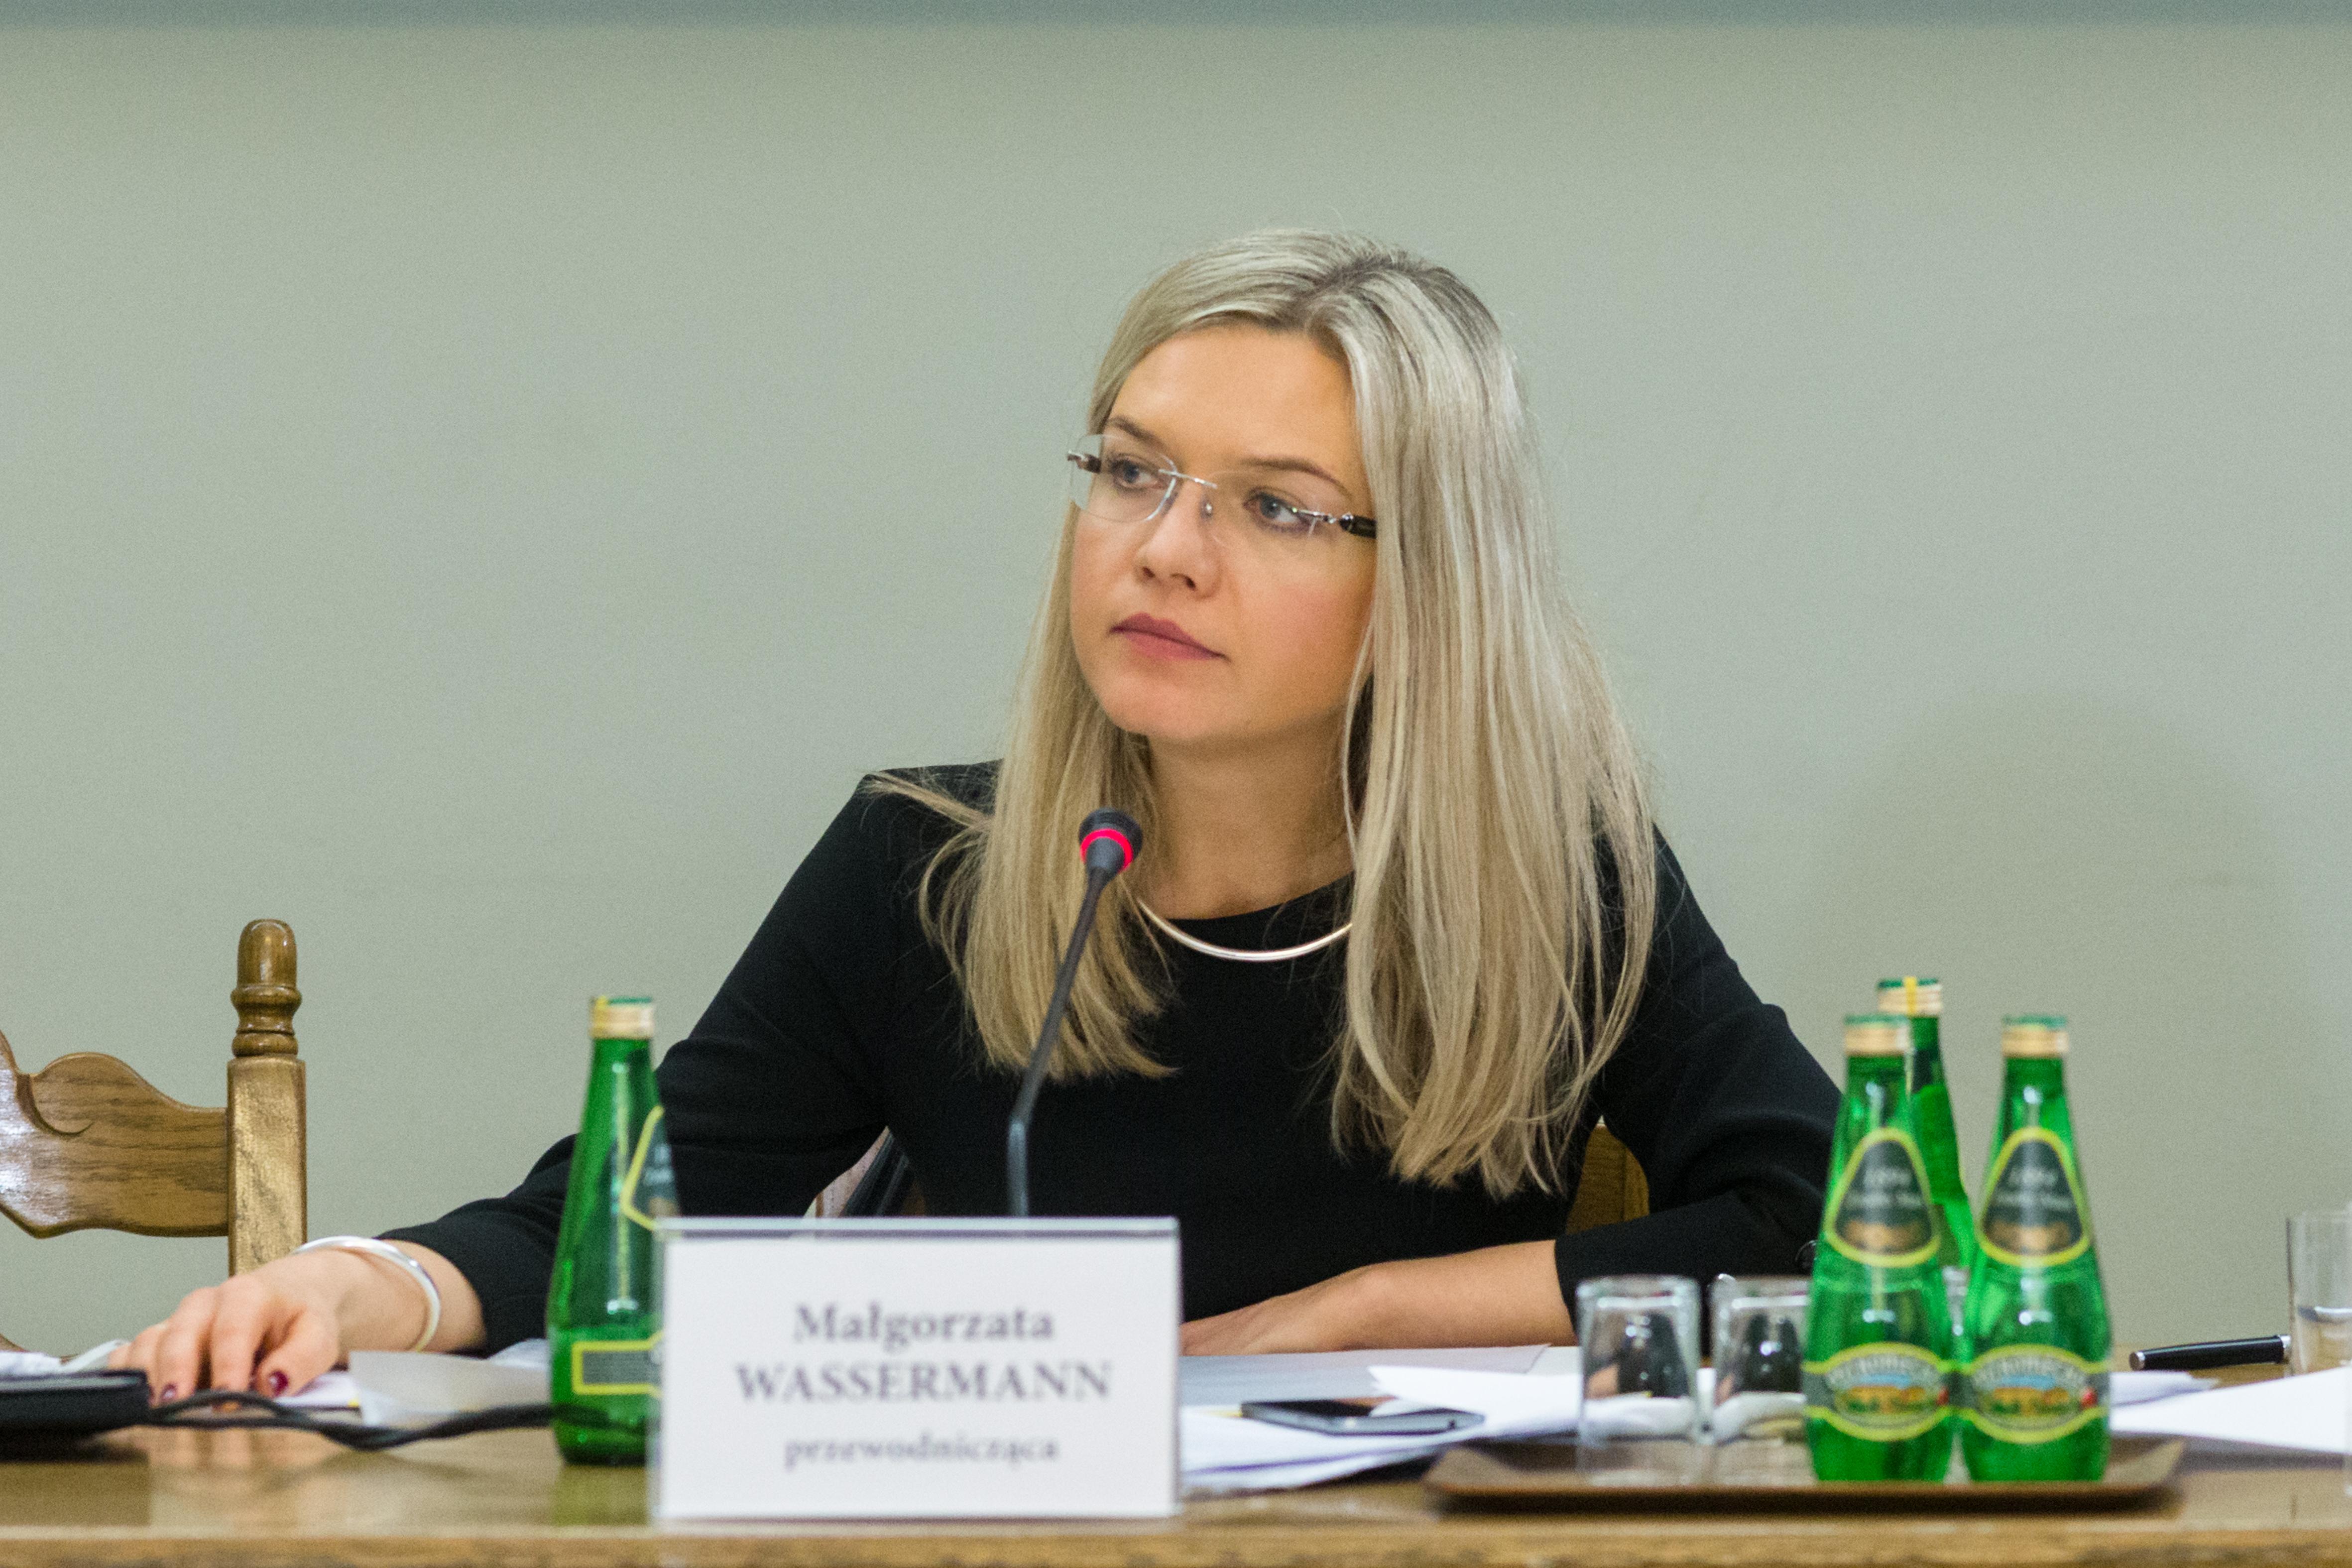 Małgorzata Wassermann: Prawdę o Smoleńsku poznalibyśmy dużo wcześniej, gdyby…